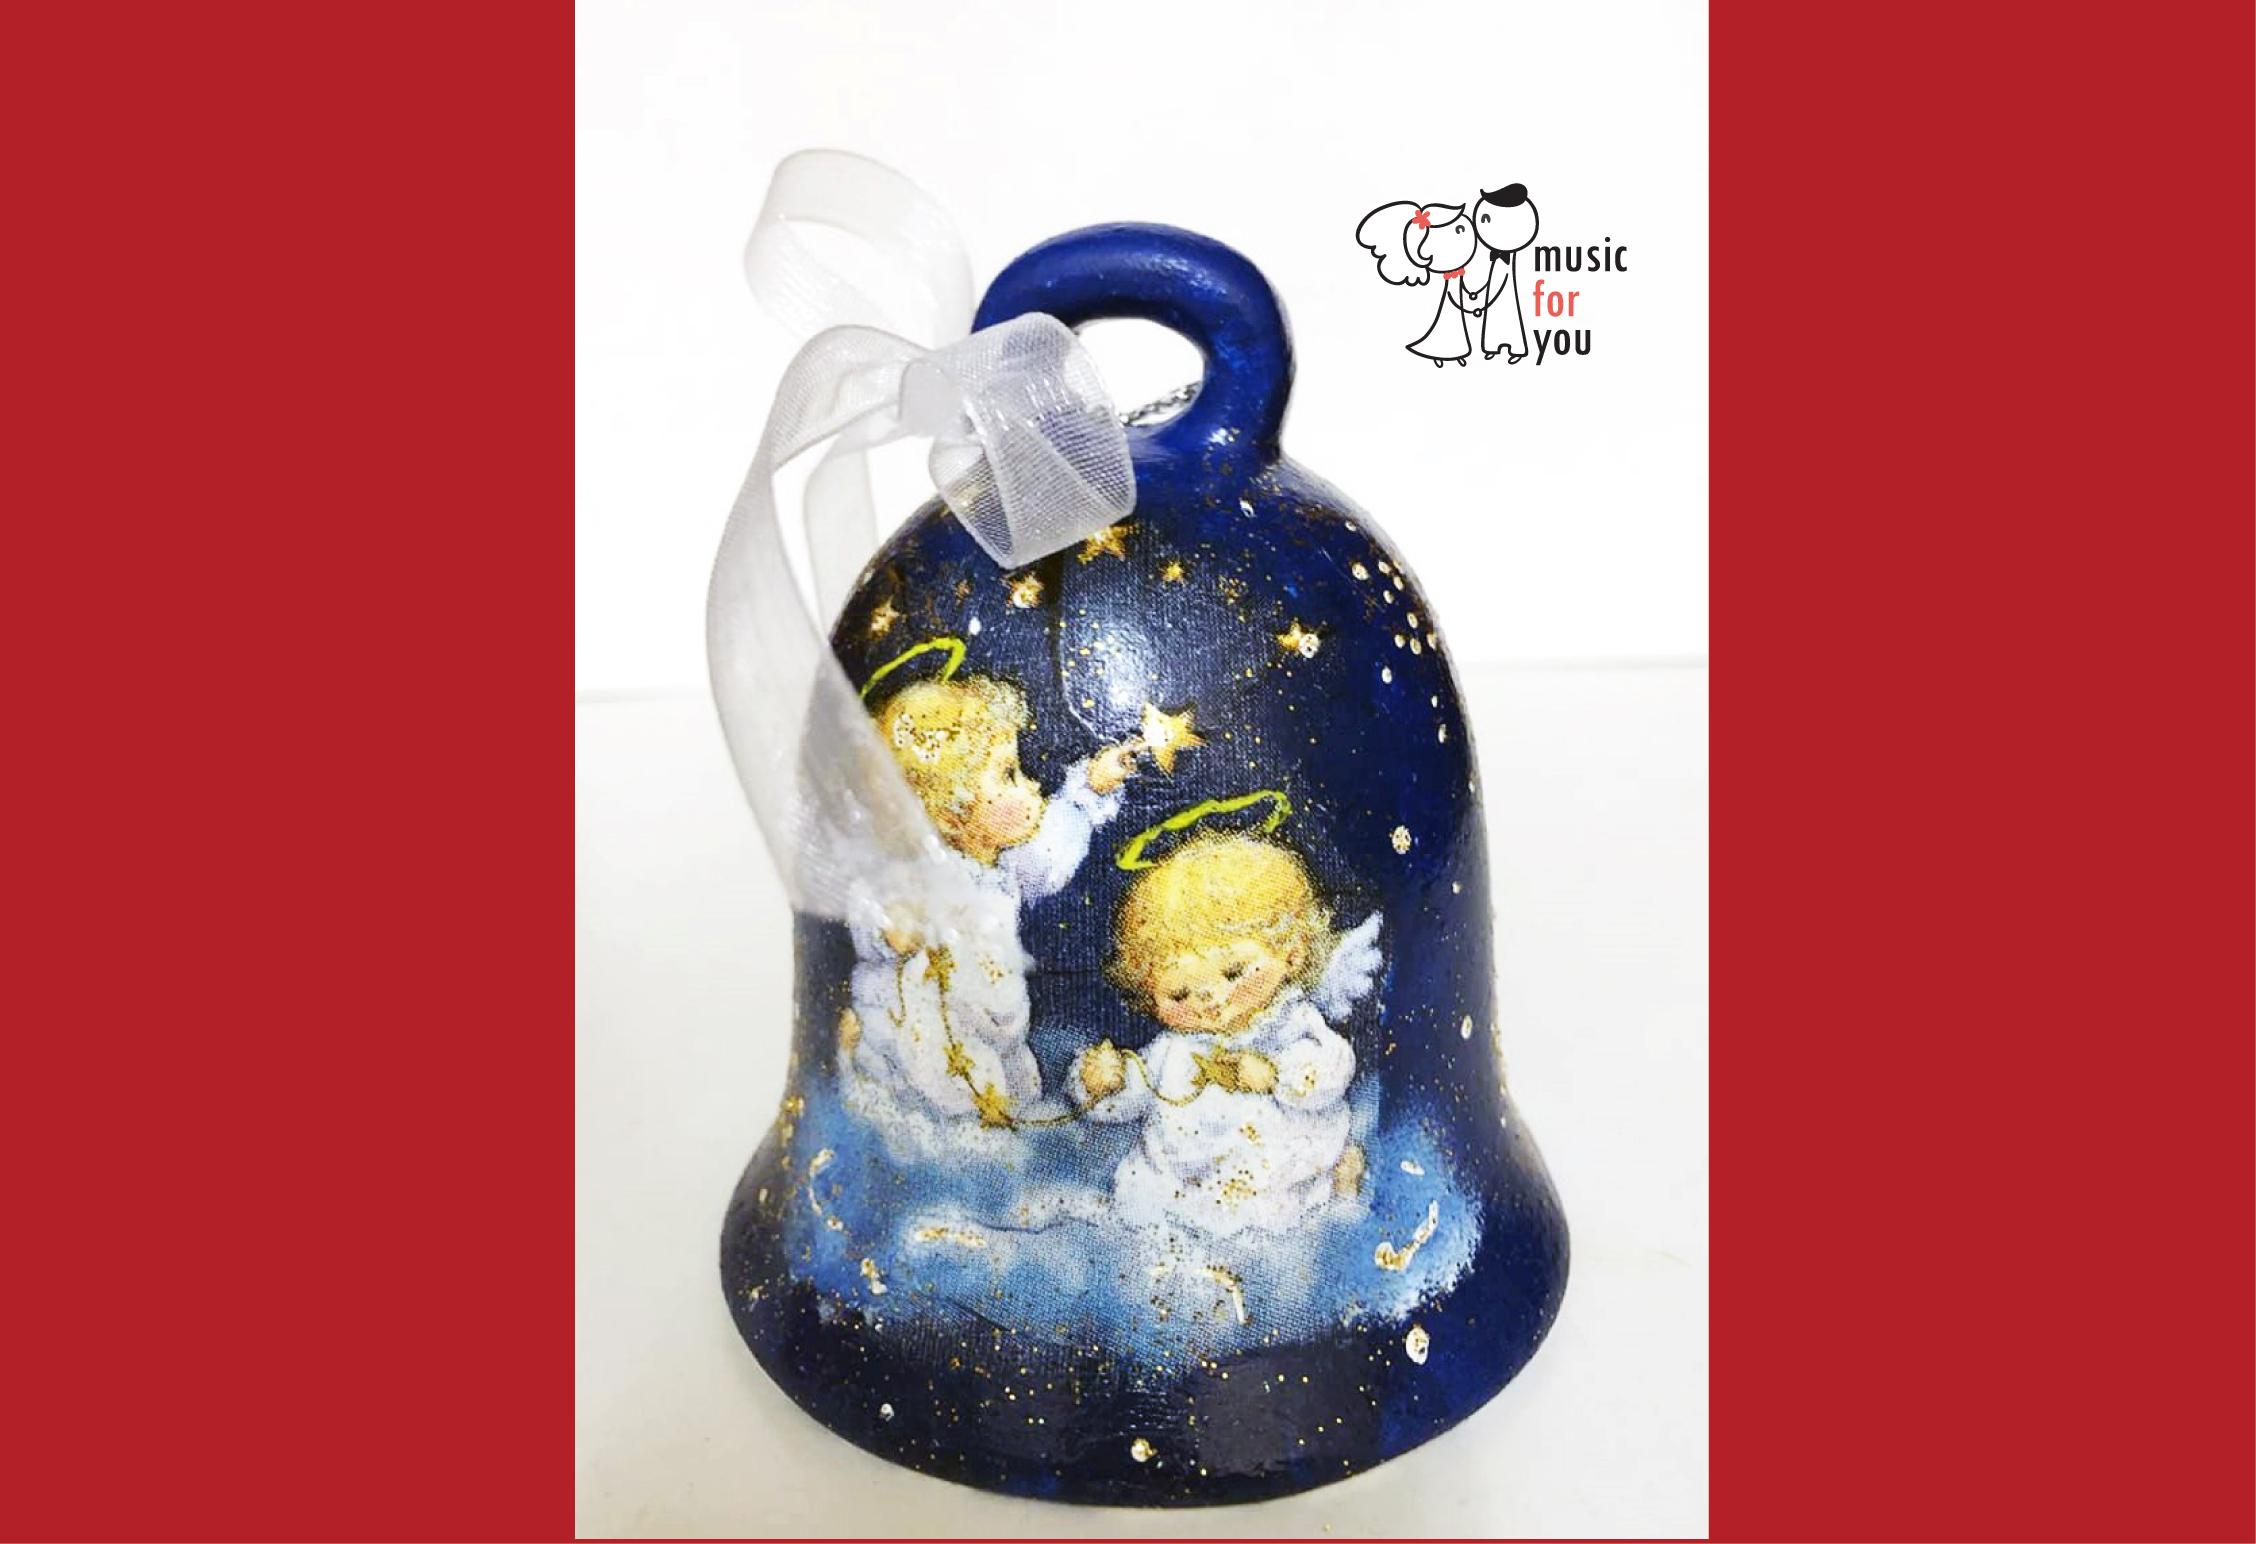 Подарък за празниците! Рисувана бутилка червено вино с празнична декорация + арт камбанка от Music for You! - Снимка 8